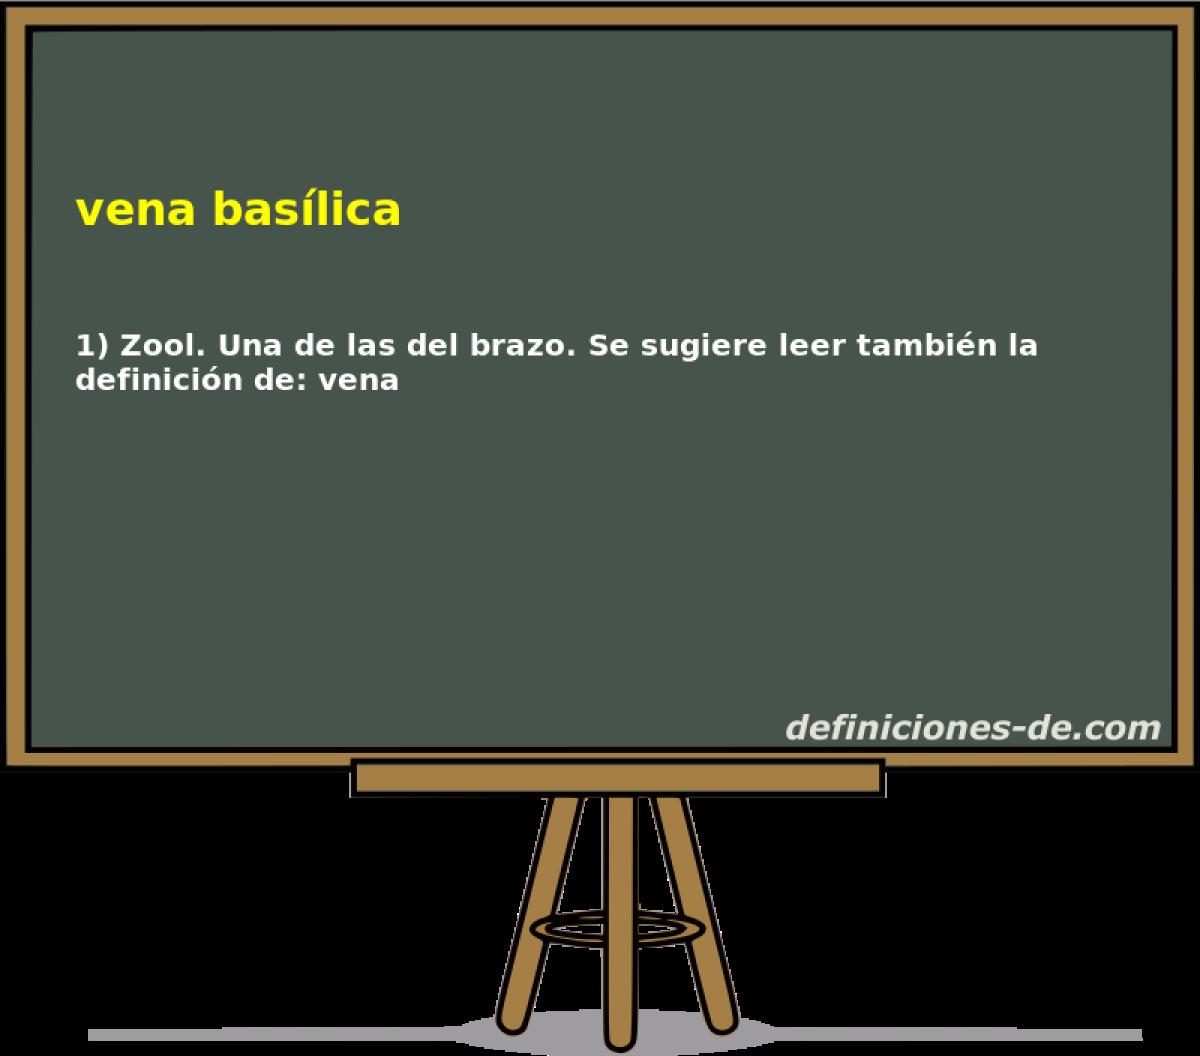 Qué significa Vena basílica?